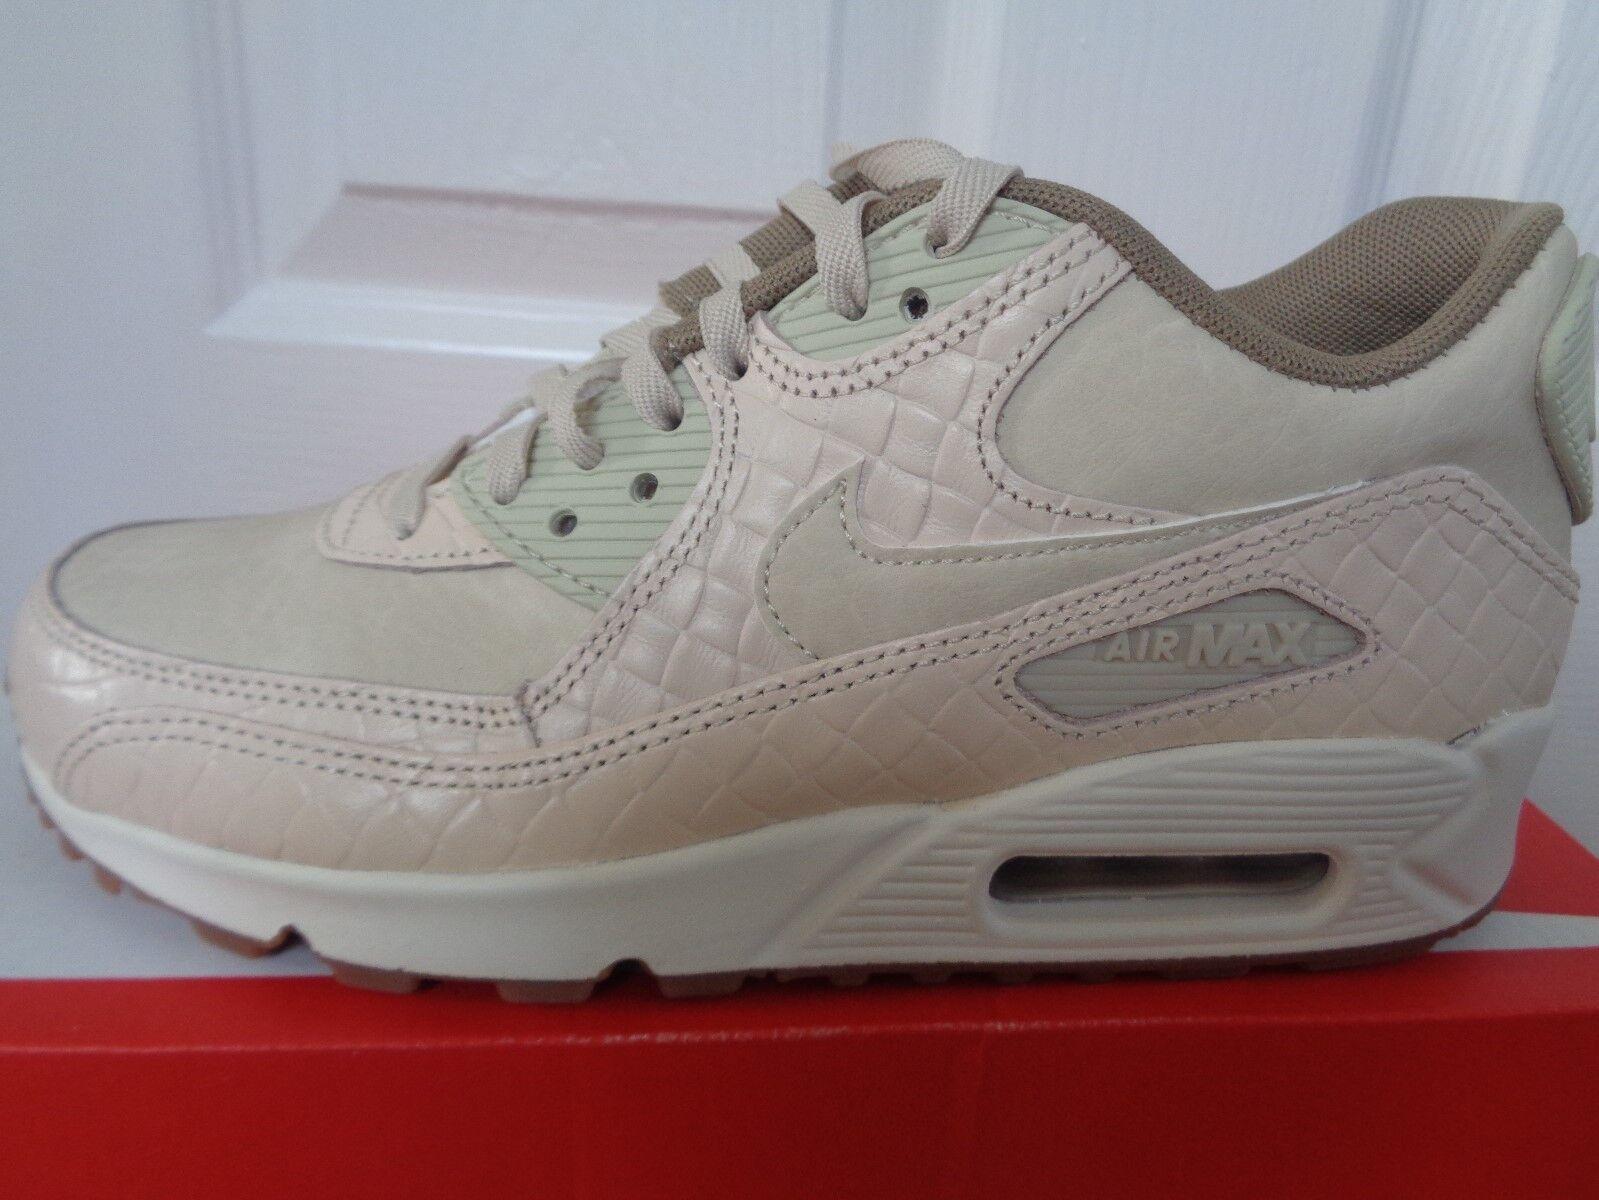 Nike Air Max 90 Prem Wmns Zapatillas Zapatos 443817 105 nos 6 Nuevo + Caja